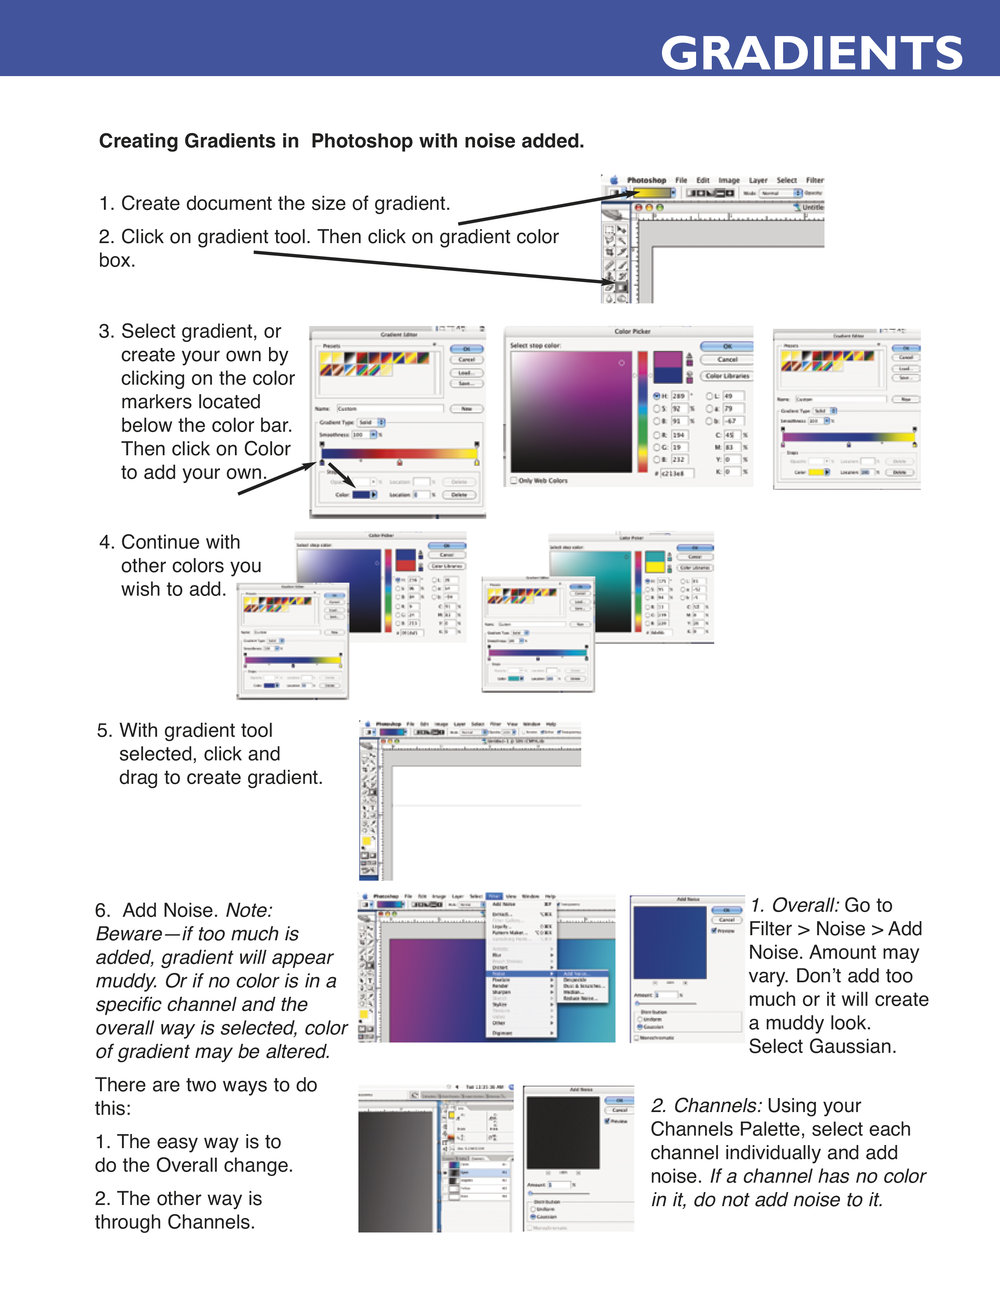 CreatingGradients_000.jpg